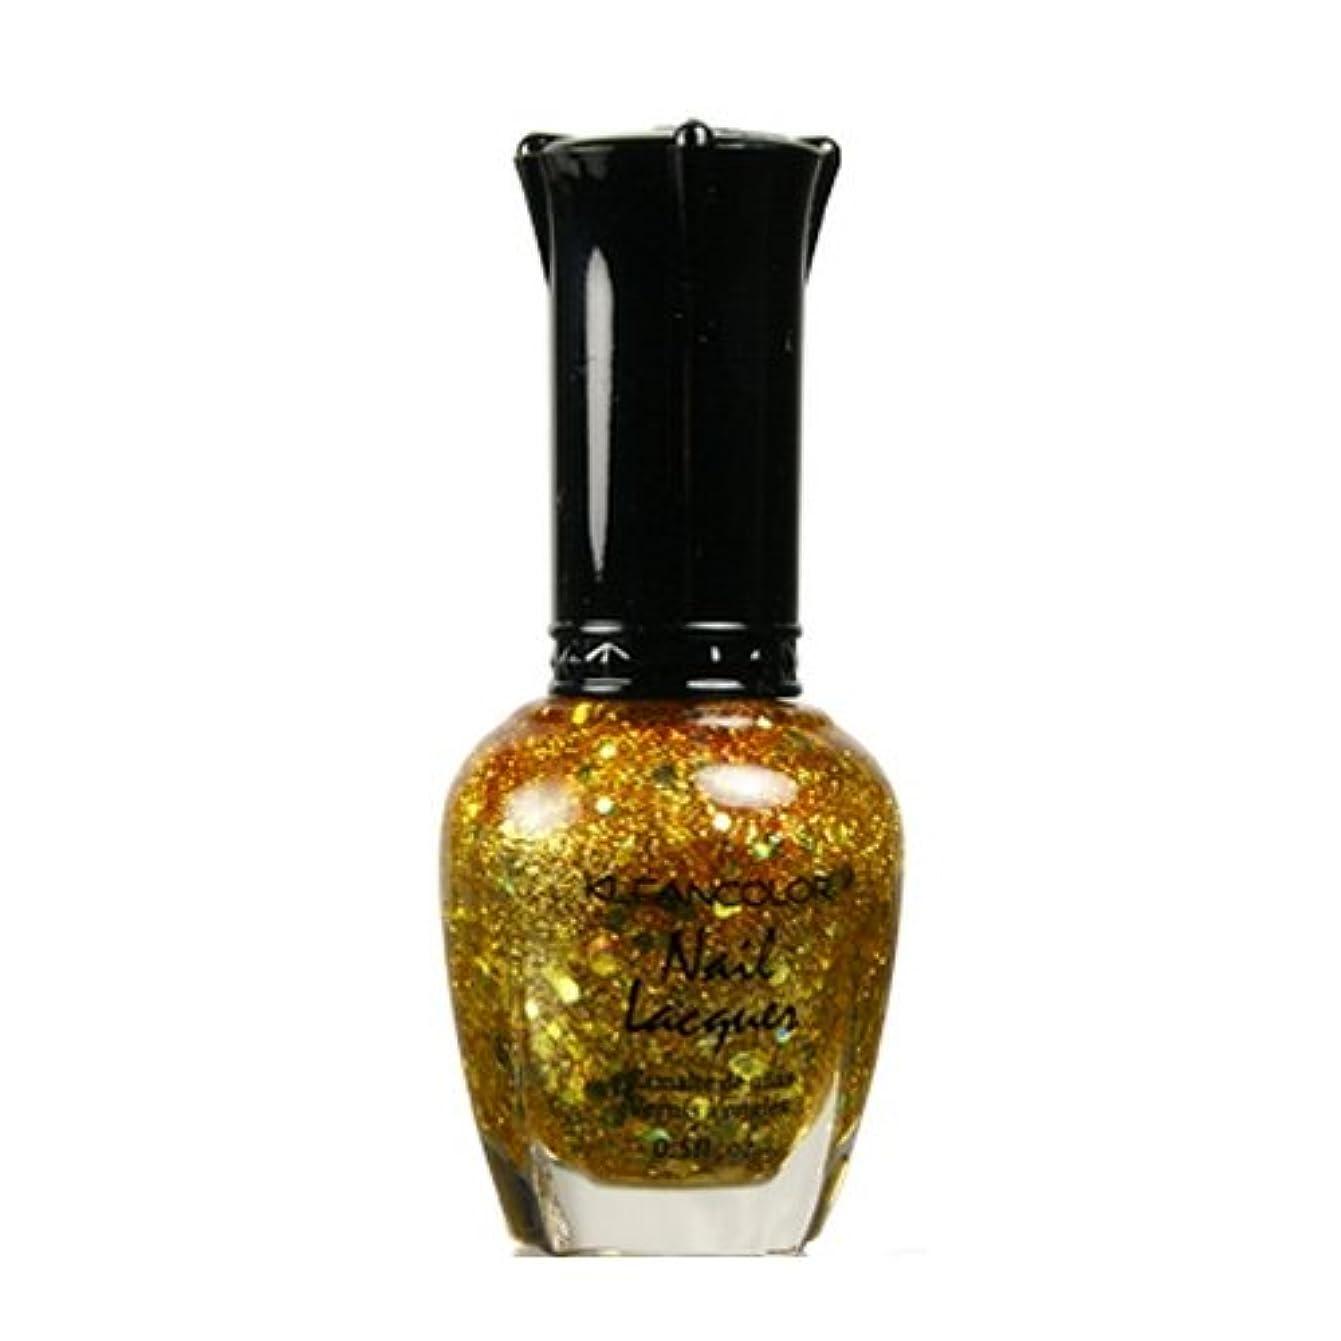 再現する防衛キャンディーKLEANCOLOR Nail Lacquer 4 - Gold Caviar (並行輸入品)